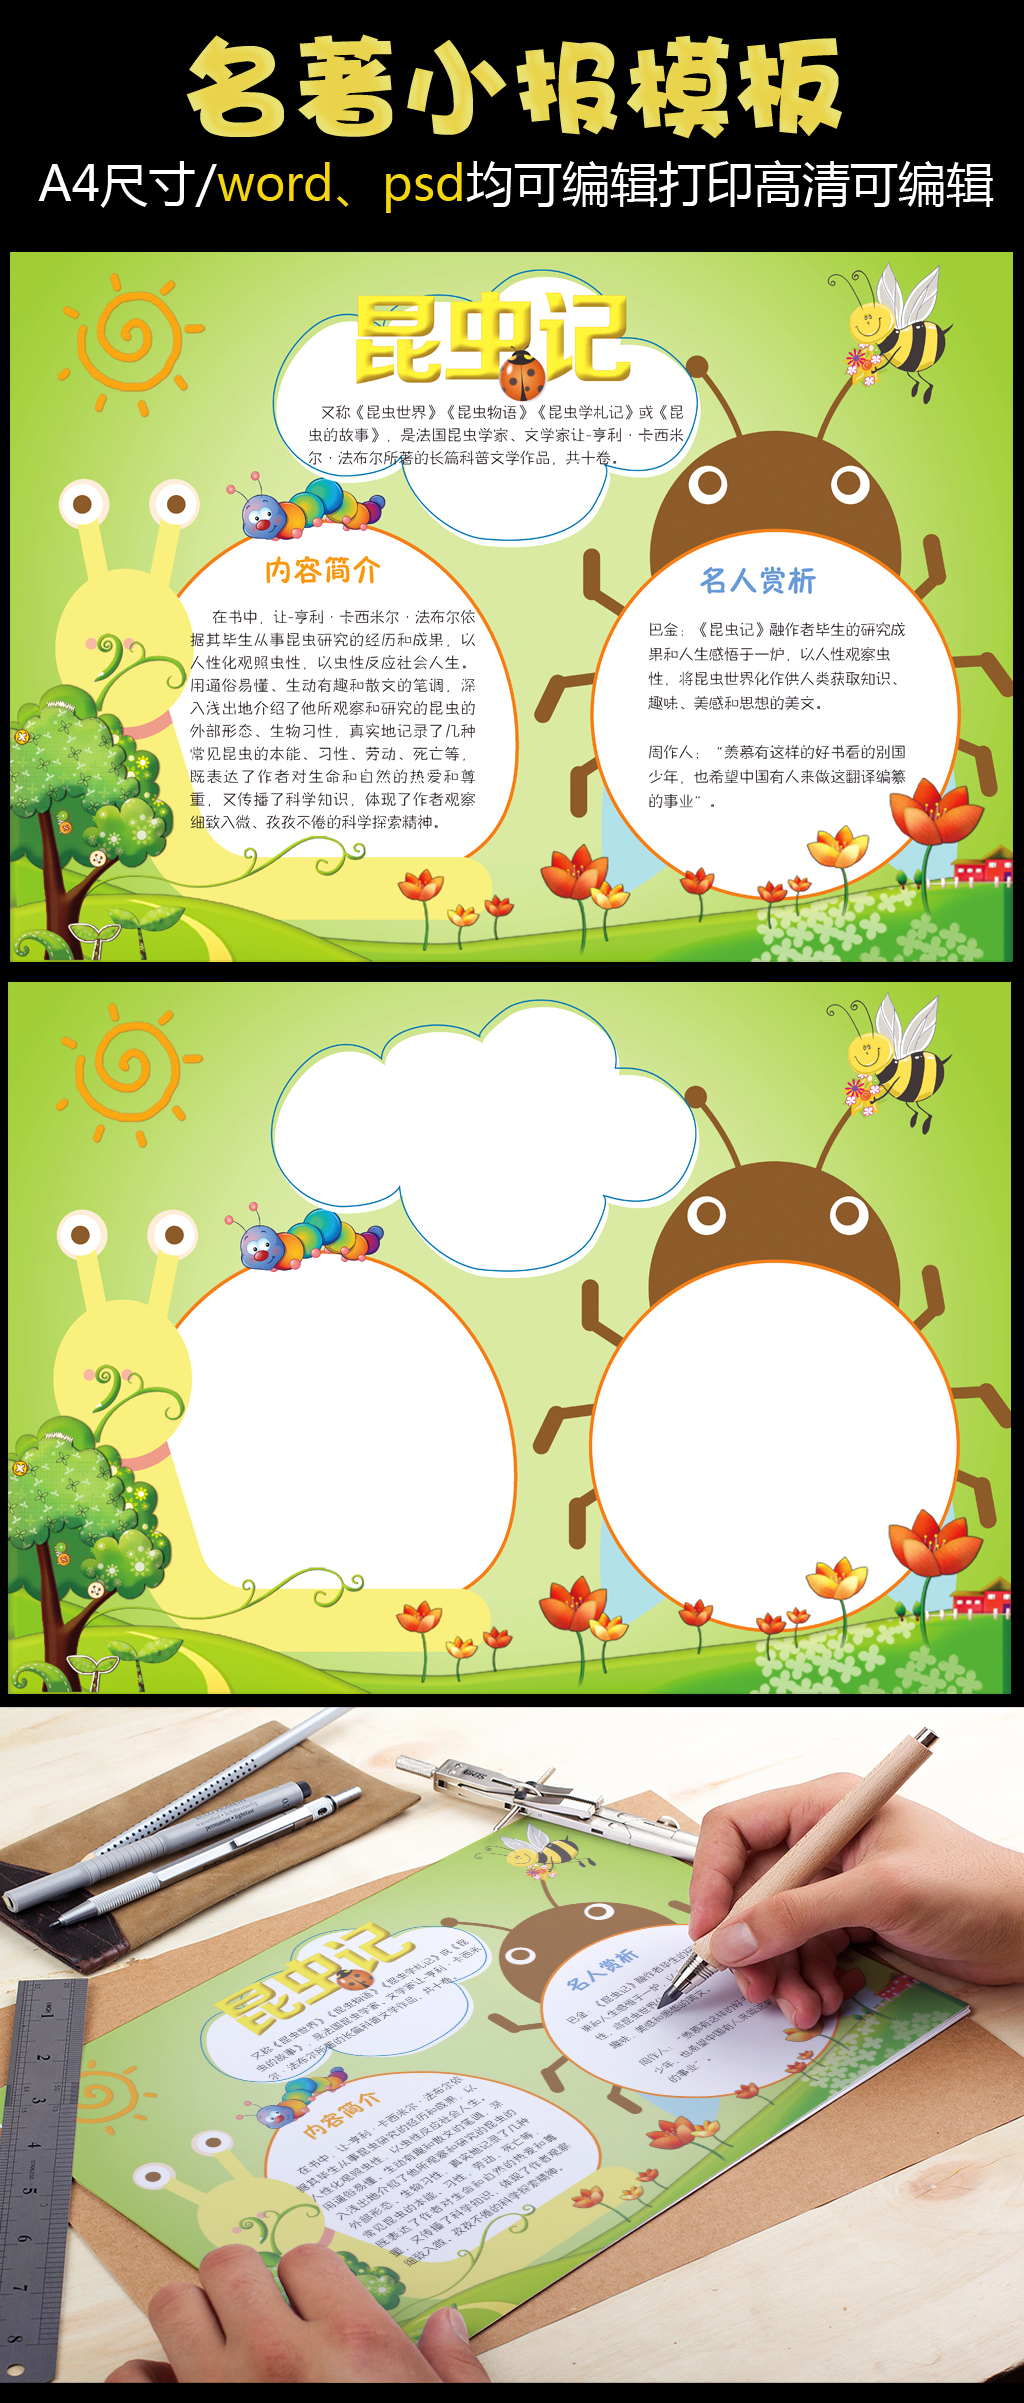 西方名著 昆虫记小报卡通手抄报模板图片设计素材 高清PSD下载 59.